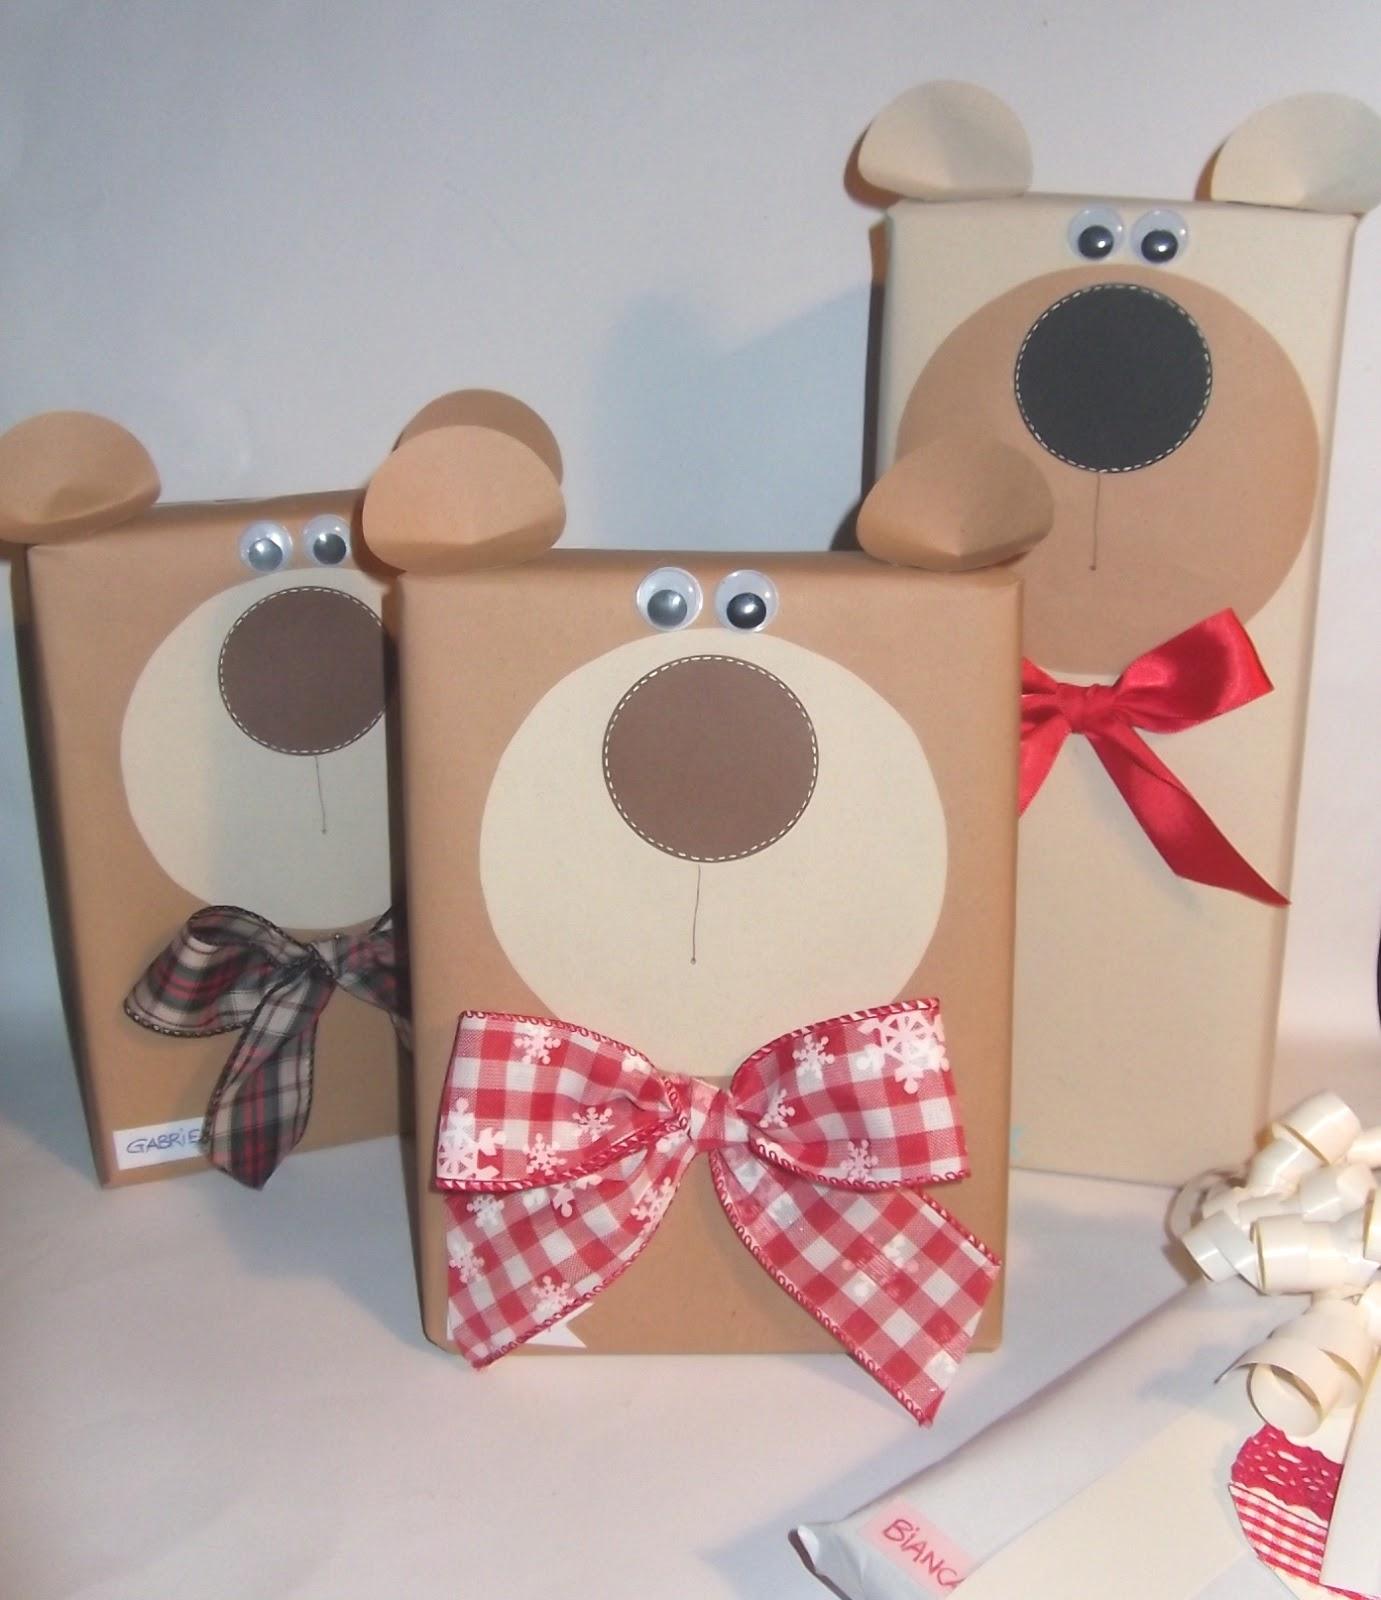 Cartoncino mio orsetti regalo for Regalo per cognata natale